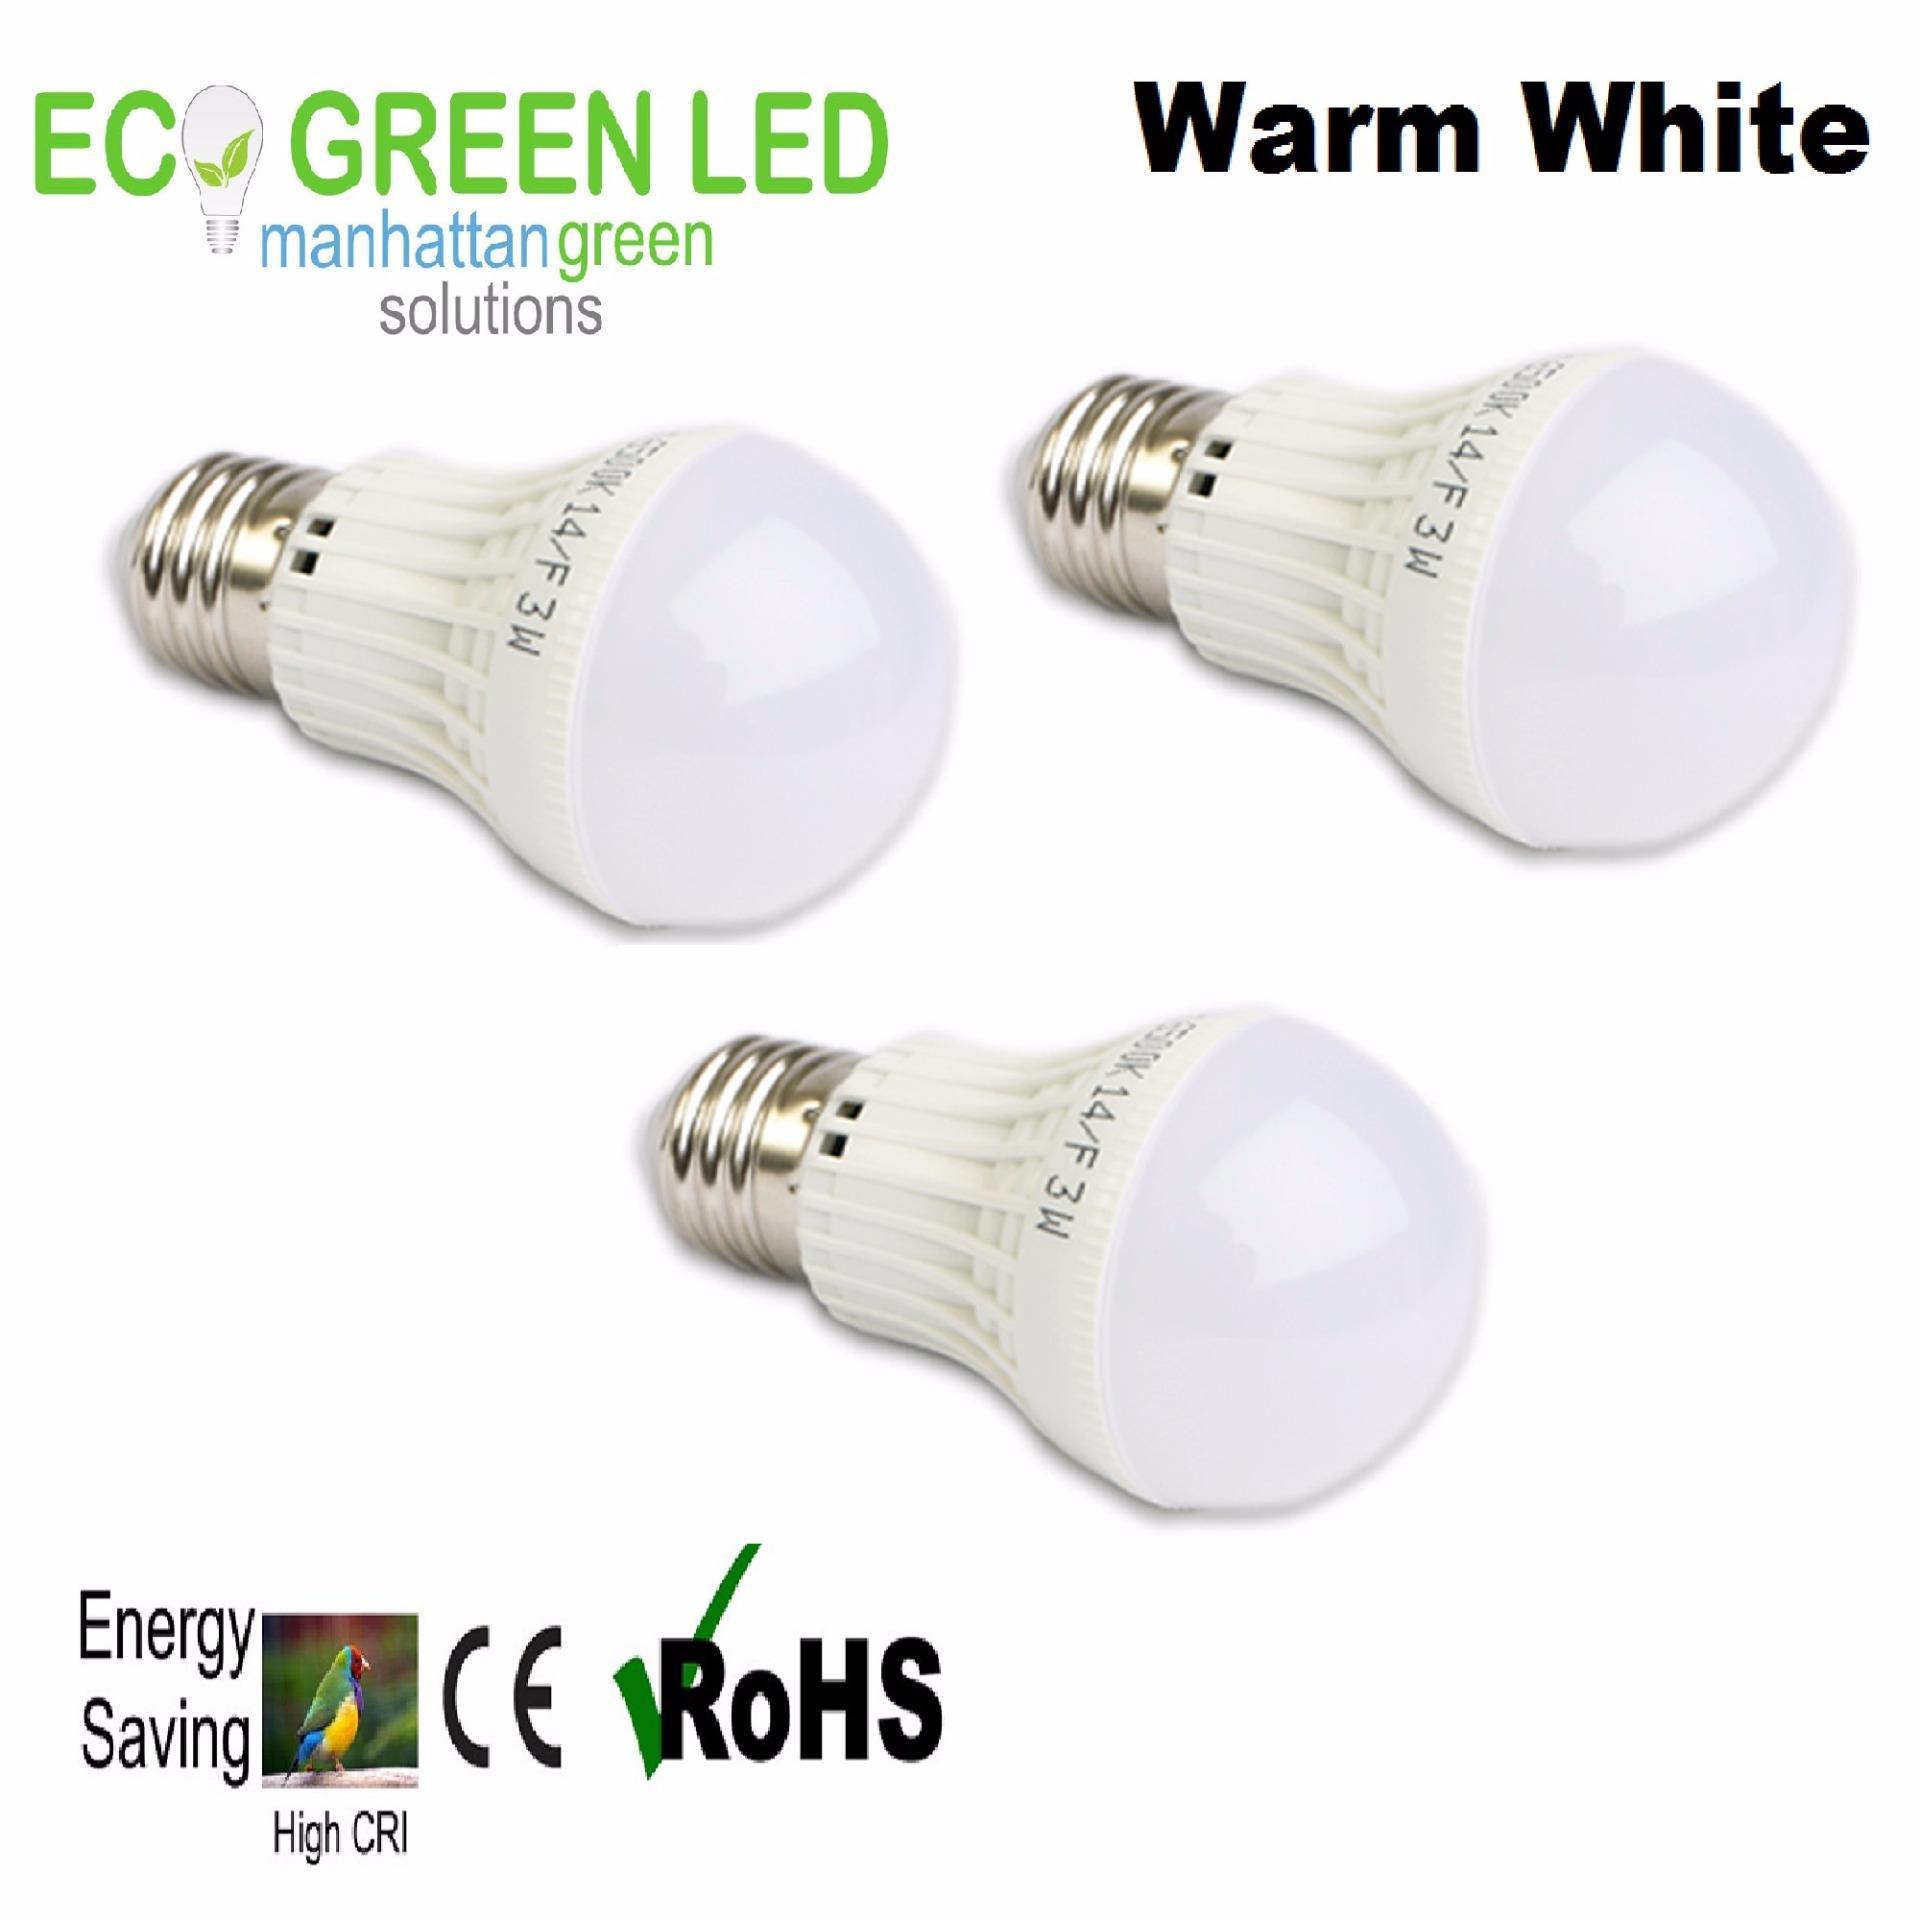 EcoGreen E27 3W LED Bulb Set of 3 (Warm White) - thumbnail